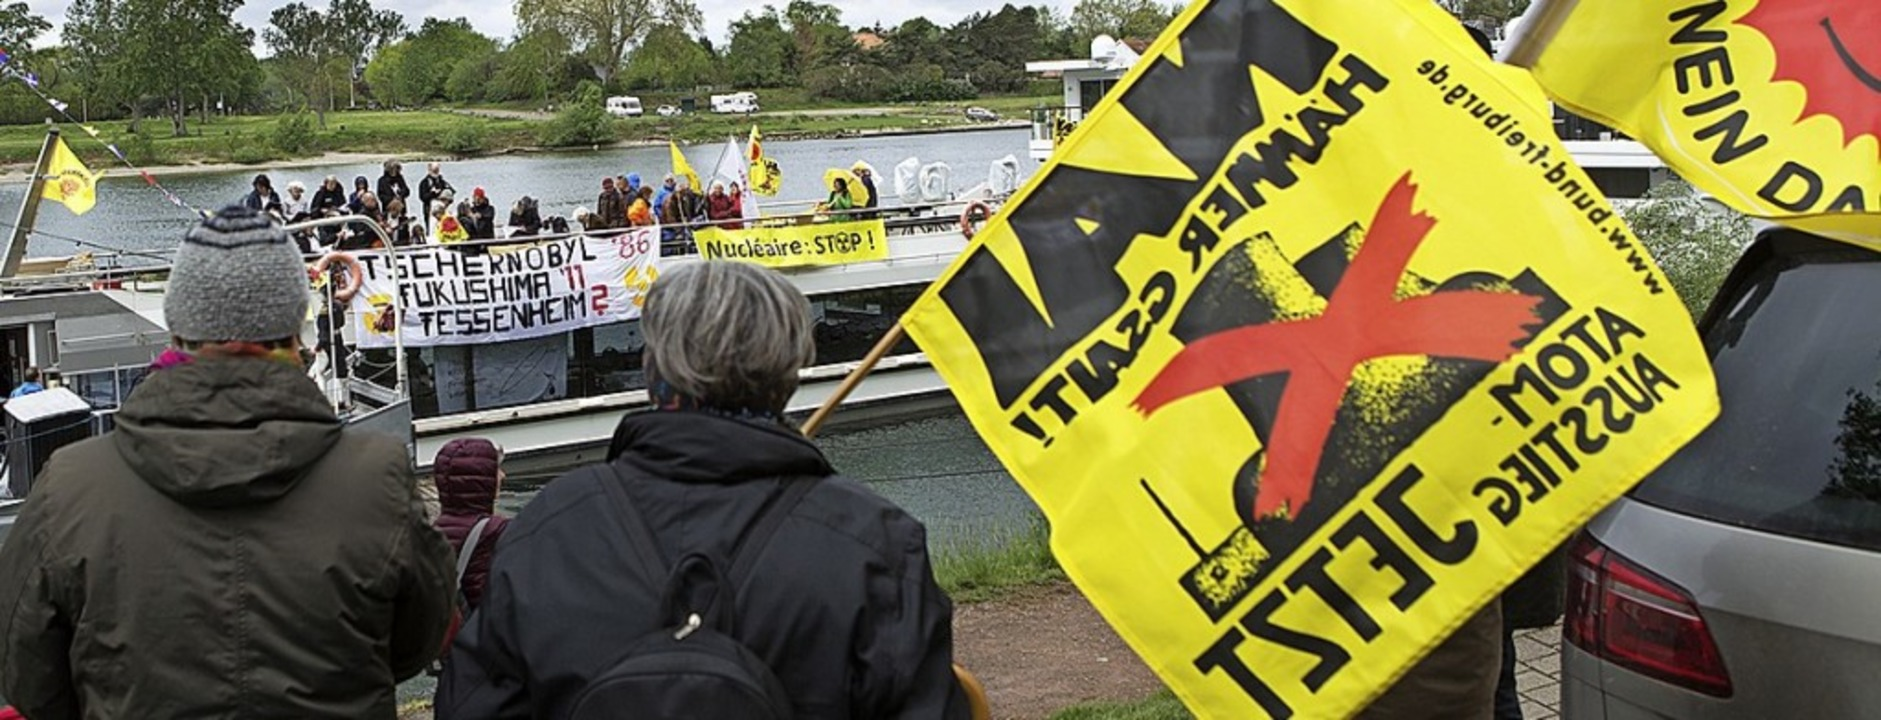 Protest per Ausflugsdampfer  | Foto:  Salzer-Deckert